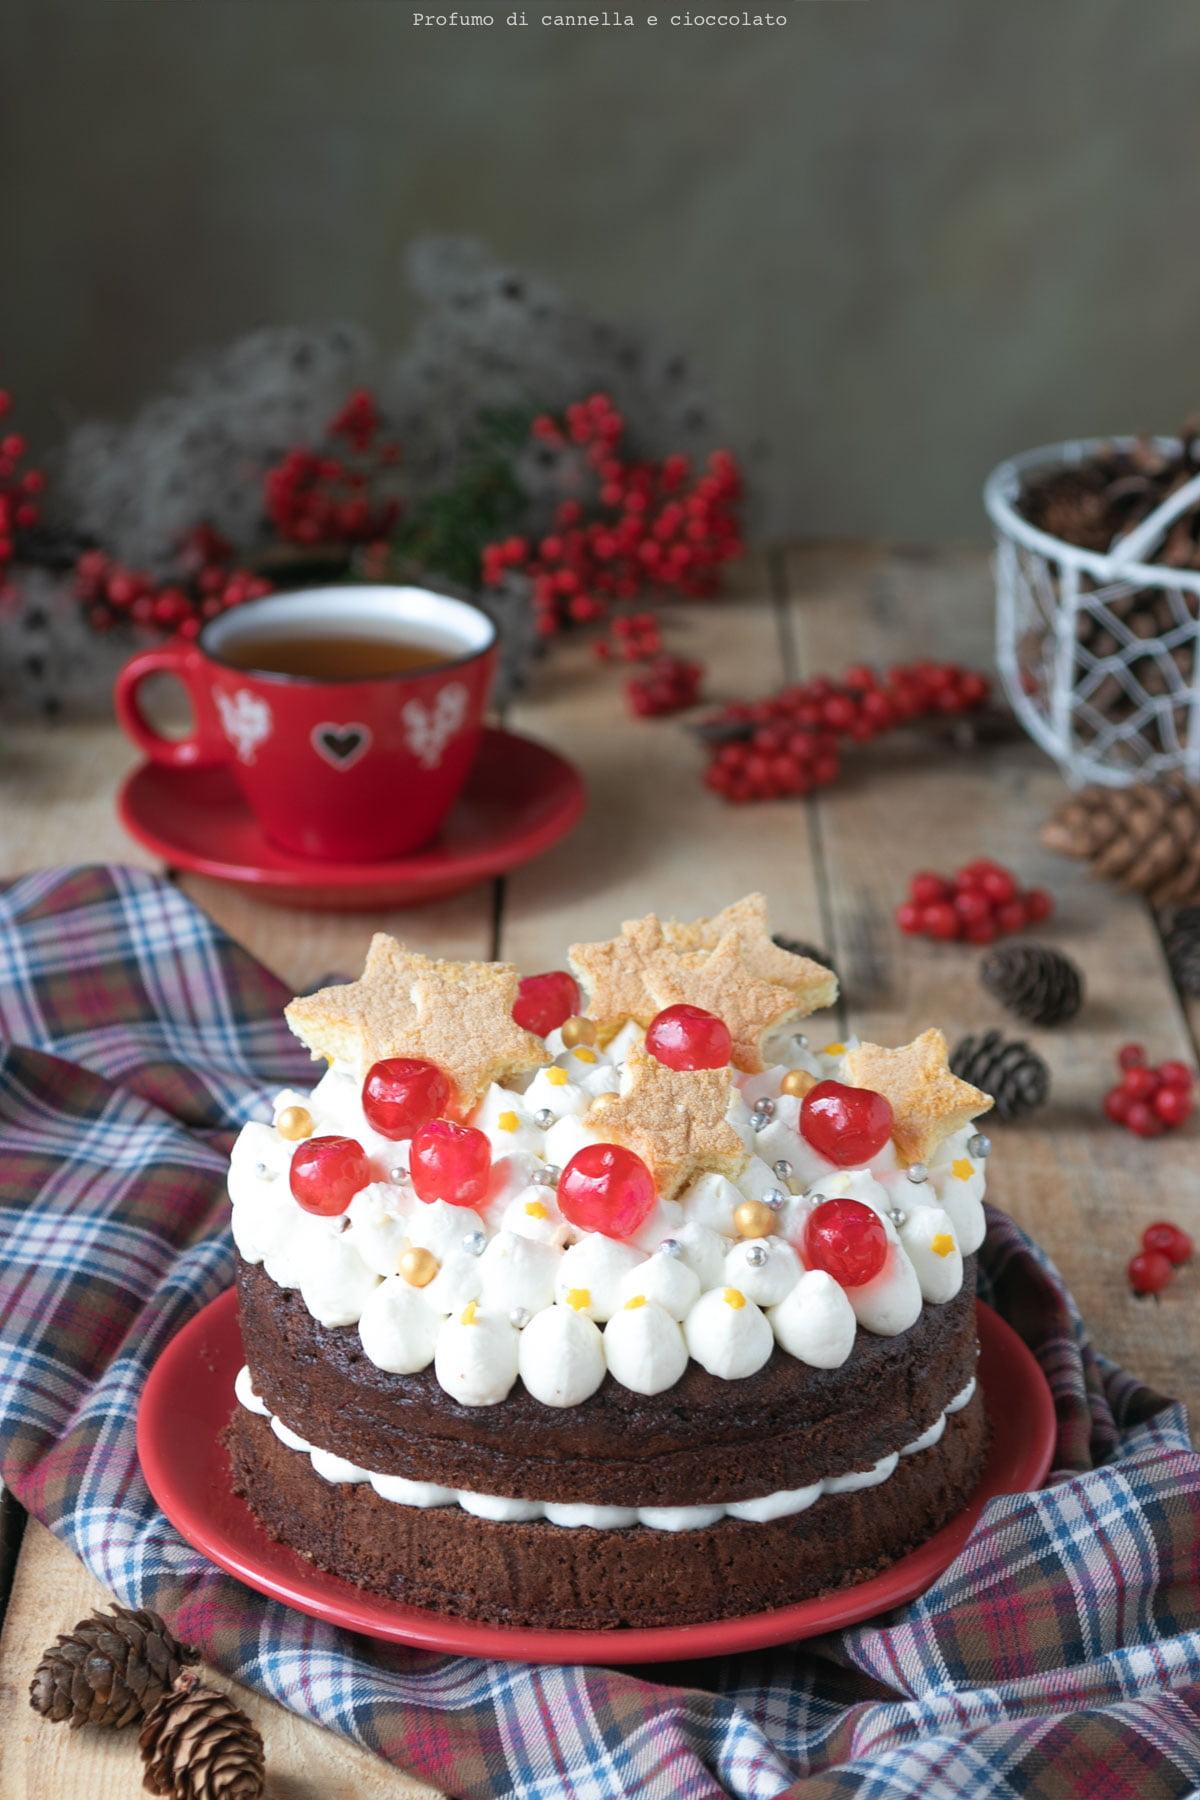 Torta al cacao con crema allo yogurt